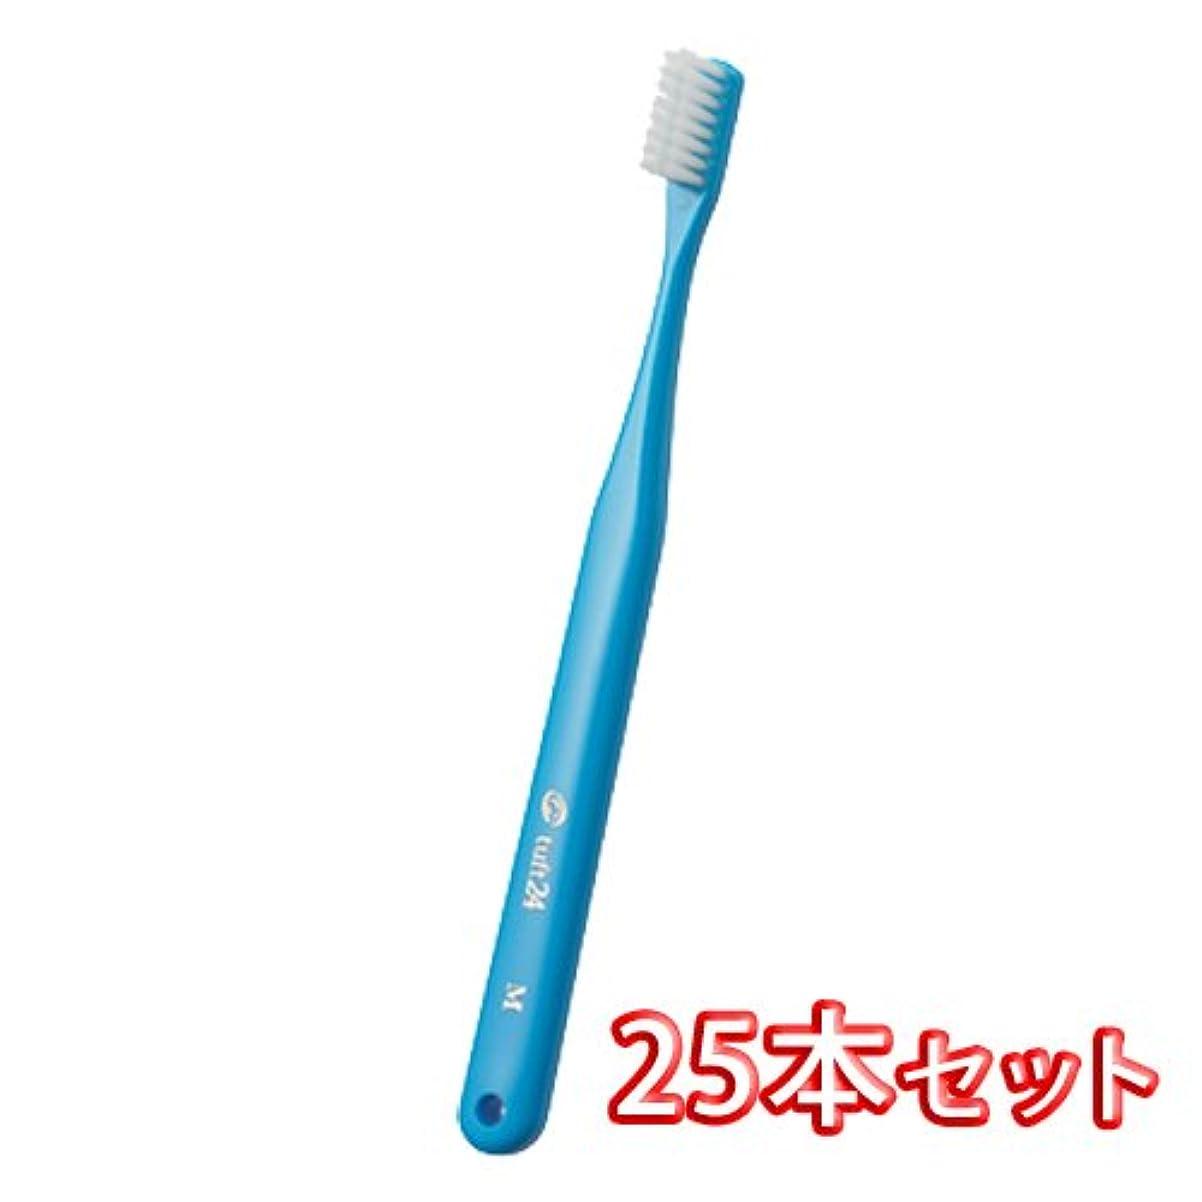 オーラルケア キャップ付き タフト 24 歯ブラシ 25本入 ミディアムソフト MS (ブルー)